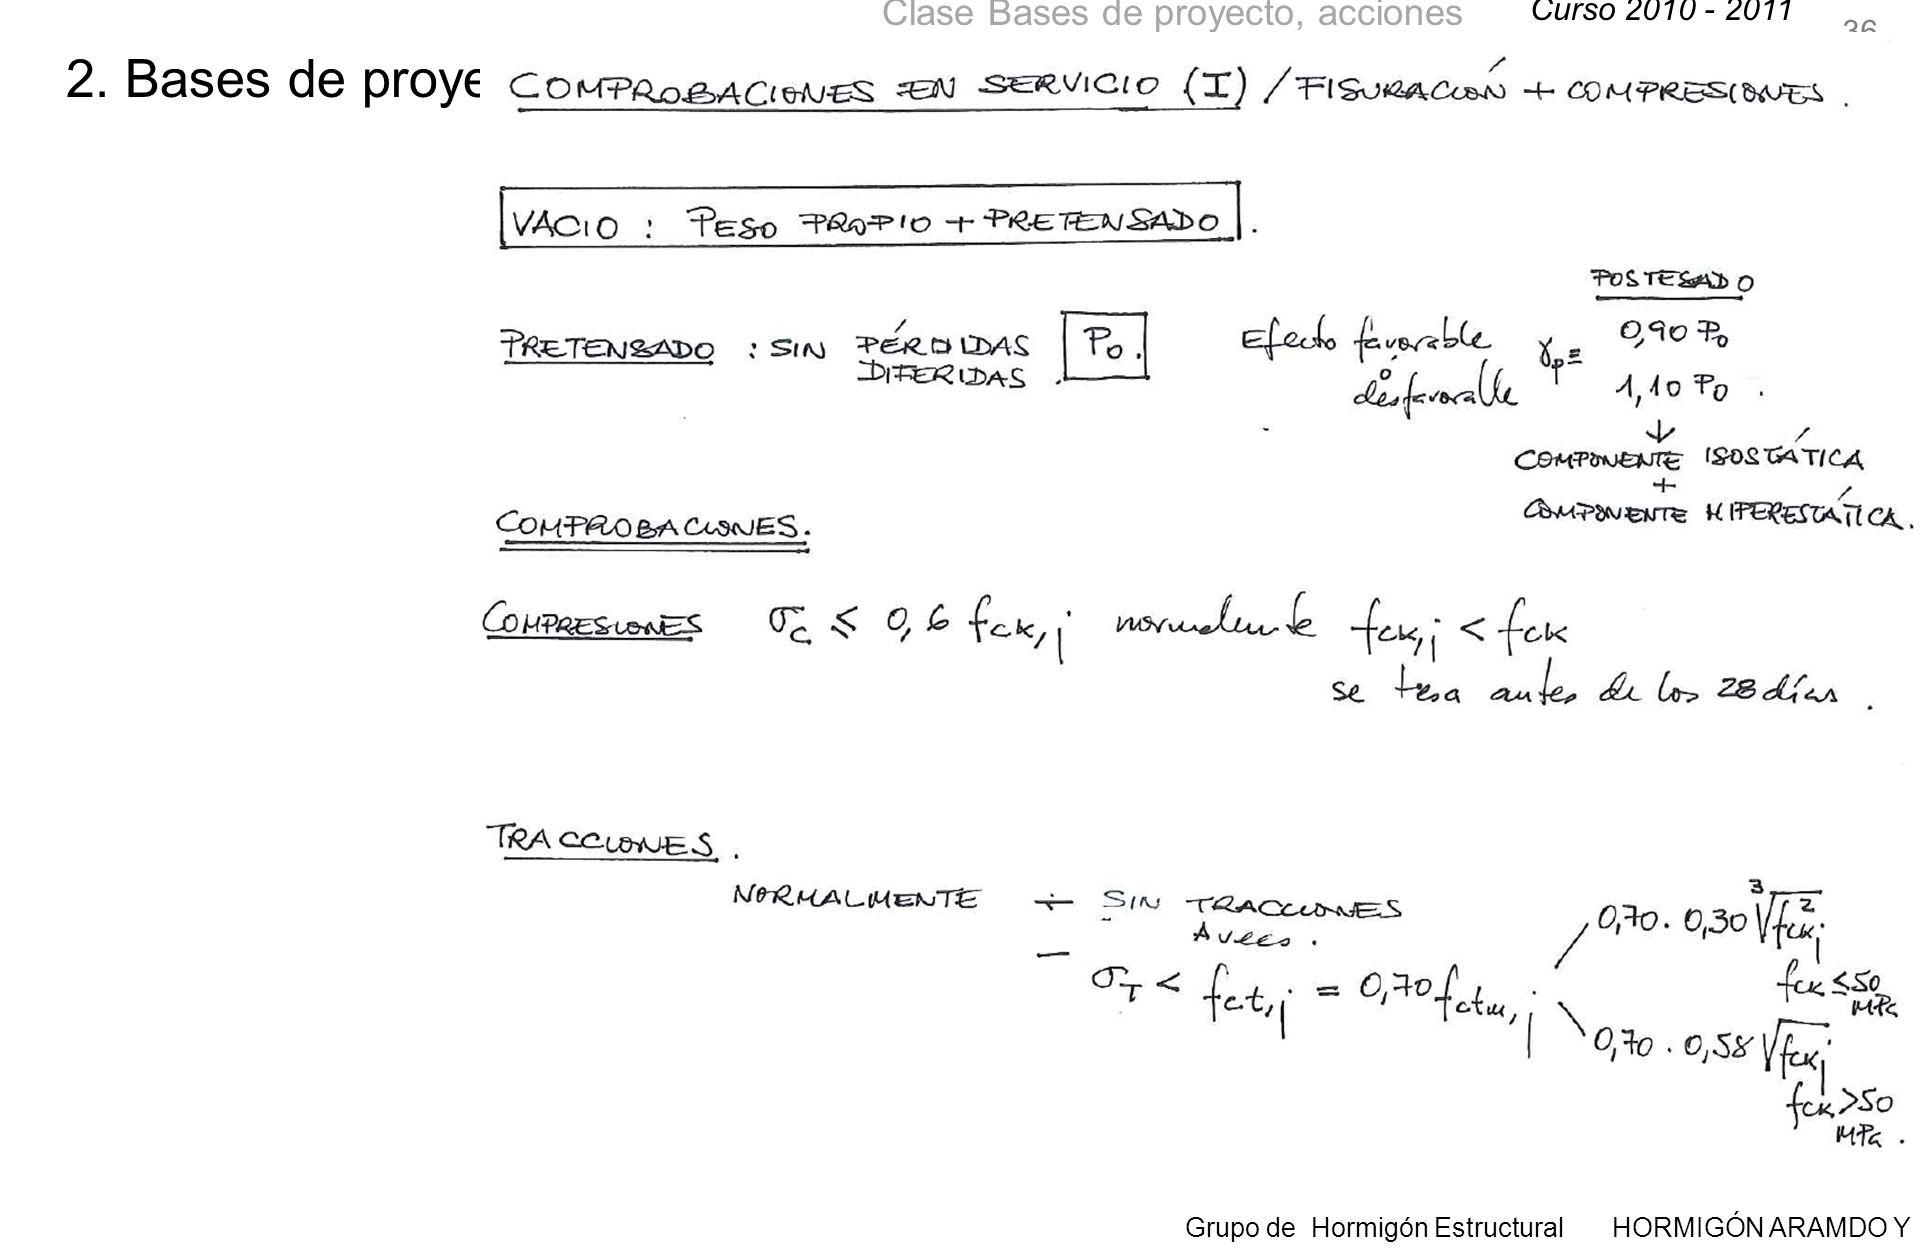 Curso 2010 - 2011 Grupo de Hormigón Estructural HORMIGÓN ARAMDO Y PRETENSADO II Clase Bases de proyecto, acciones 36 2.